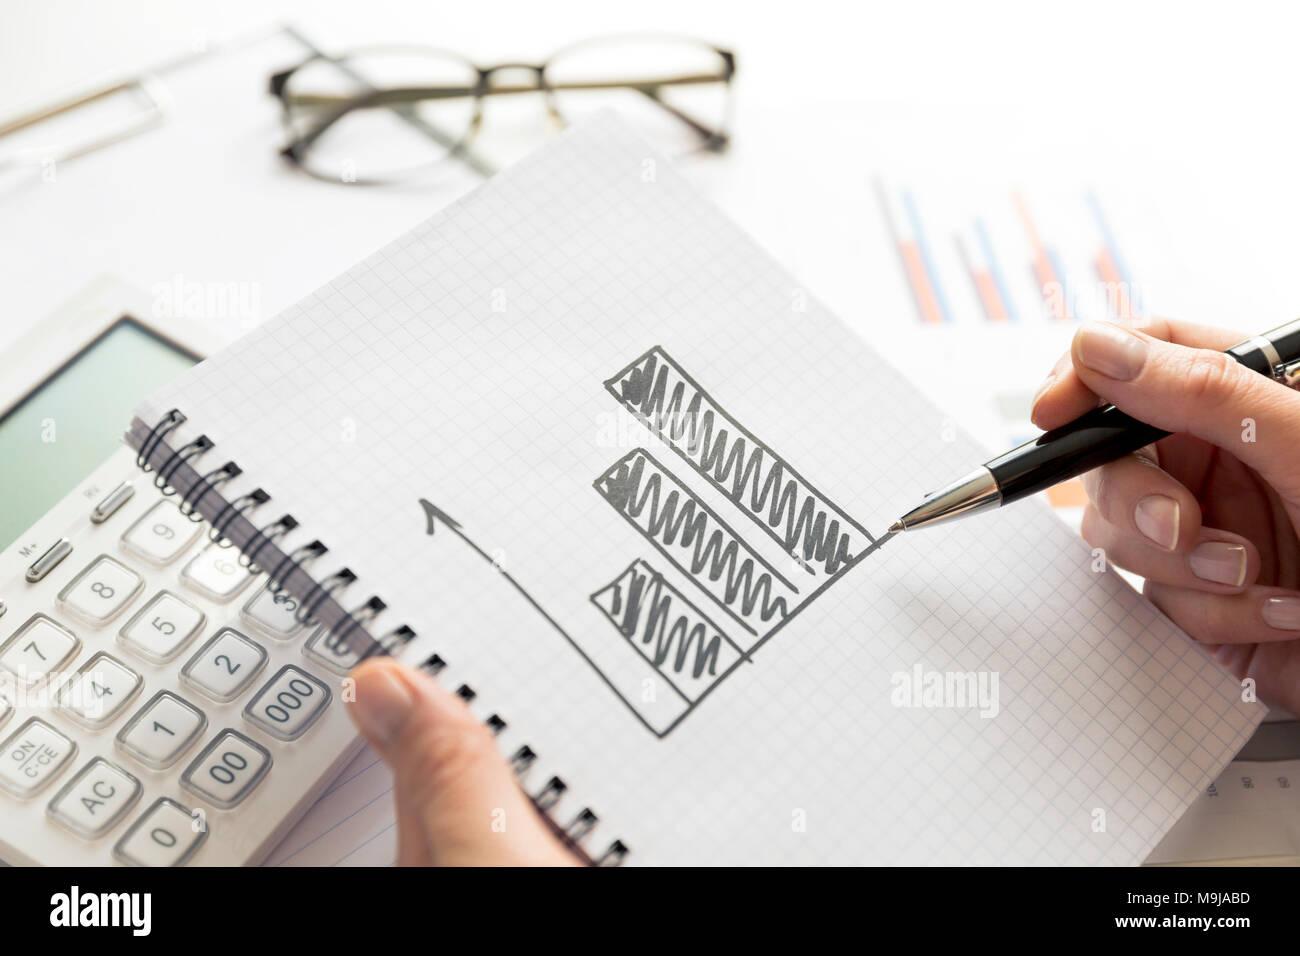 Imprenditrice lavorando sul progetto circa la crescita del business. Disegno di un grafico in crescita per i notebook Immagini Stock